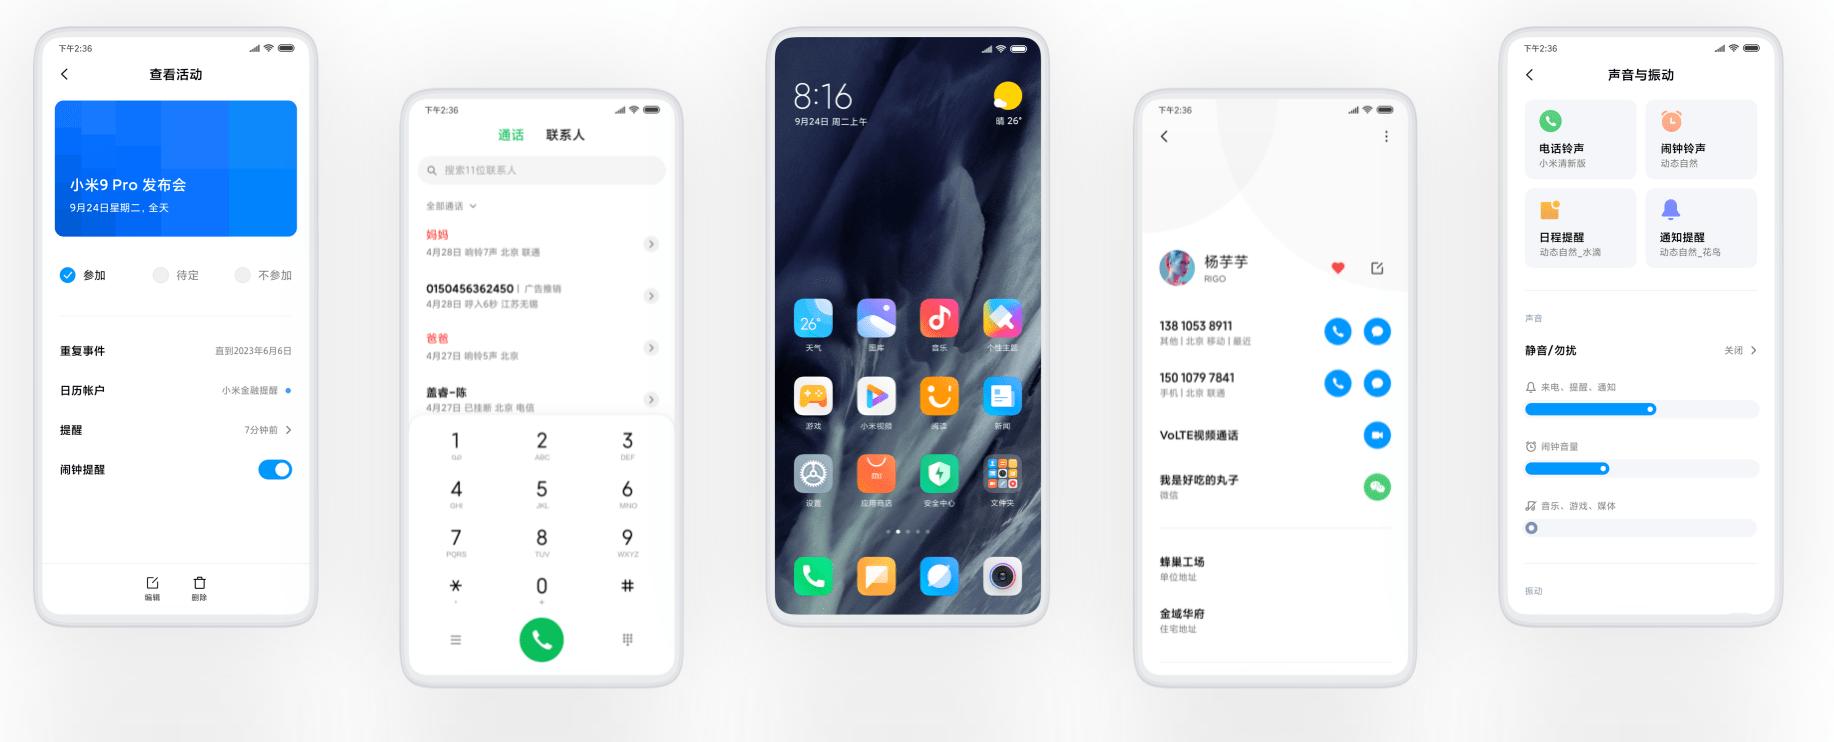 MIUI, l'interface des smartphones Xiaomi